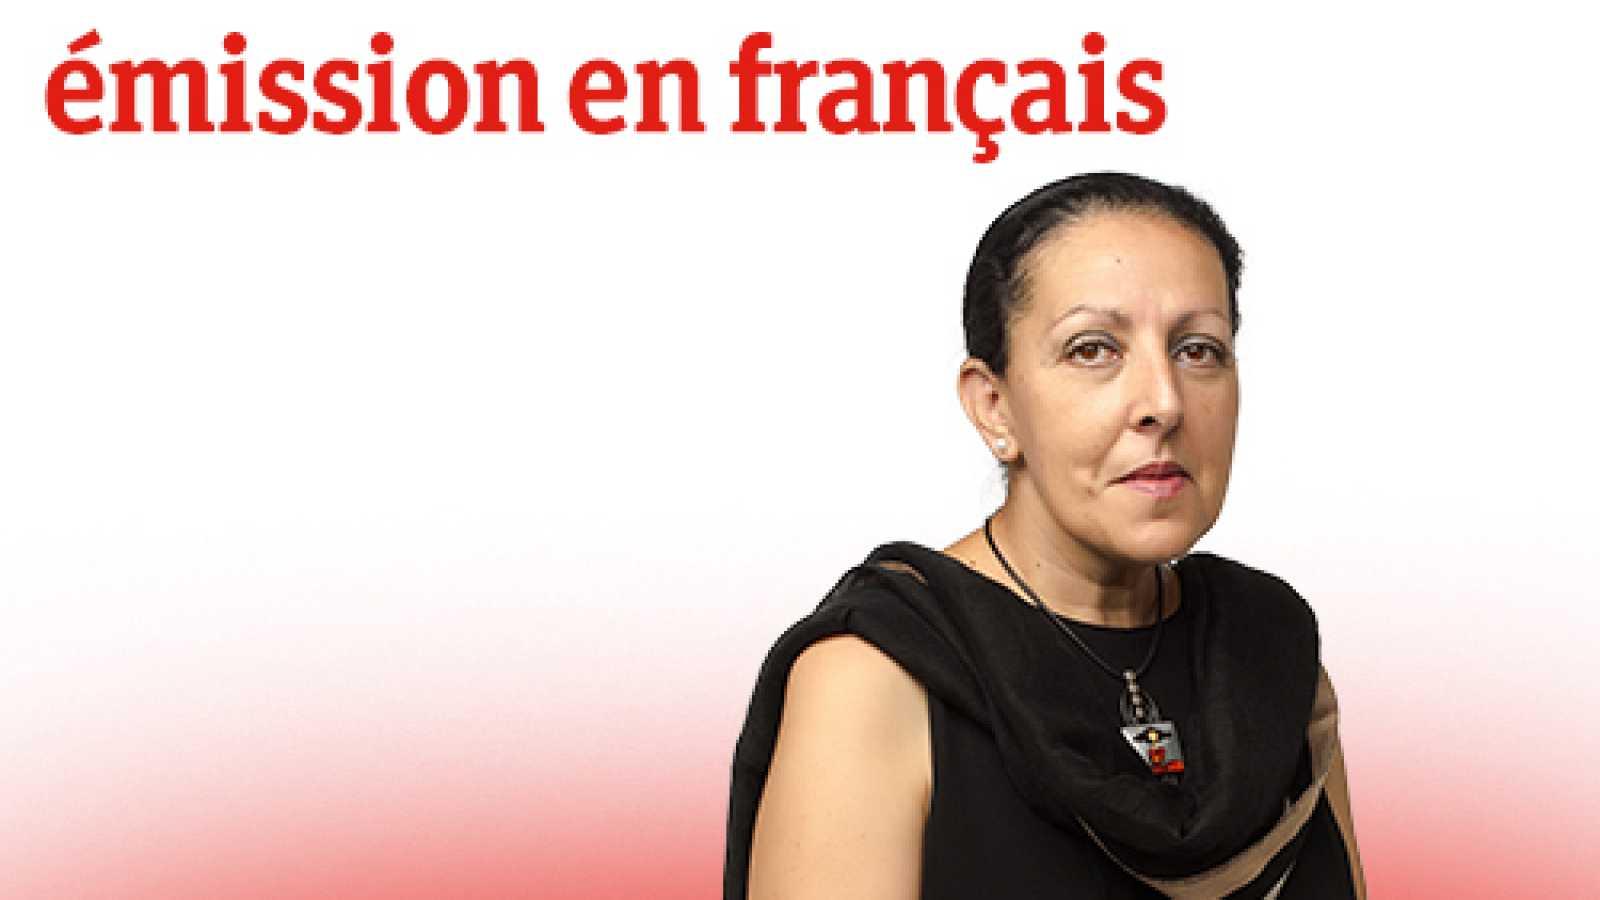 Emission en français - Feuilles Eparse (X) - 31/10/20 - escuchar ahora